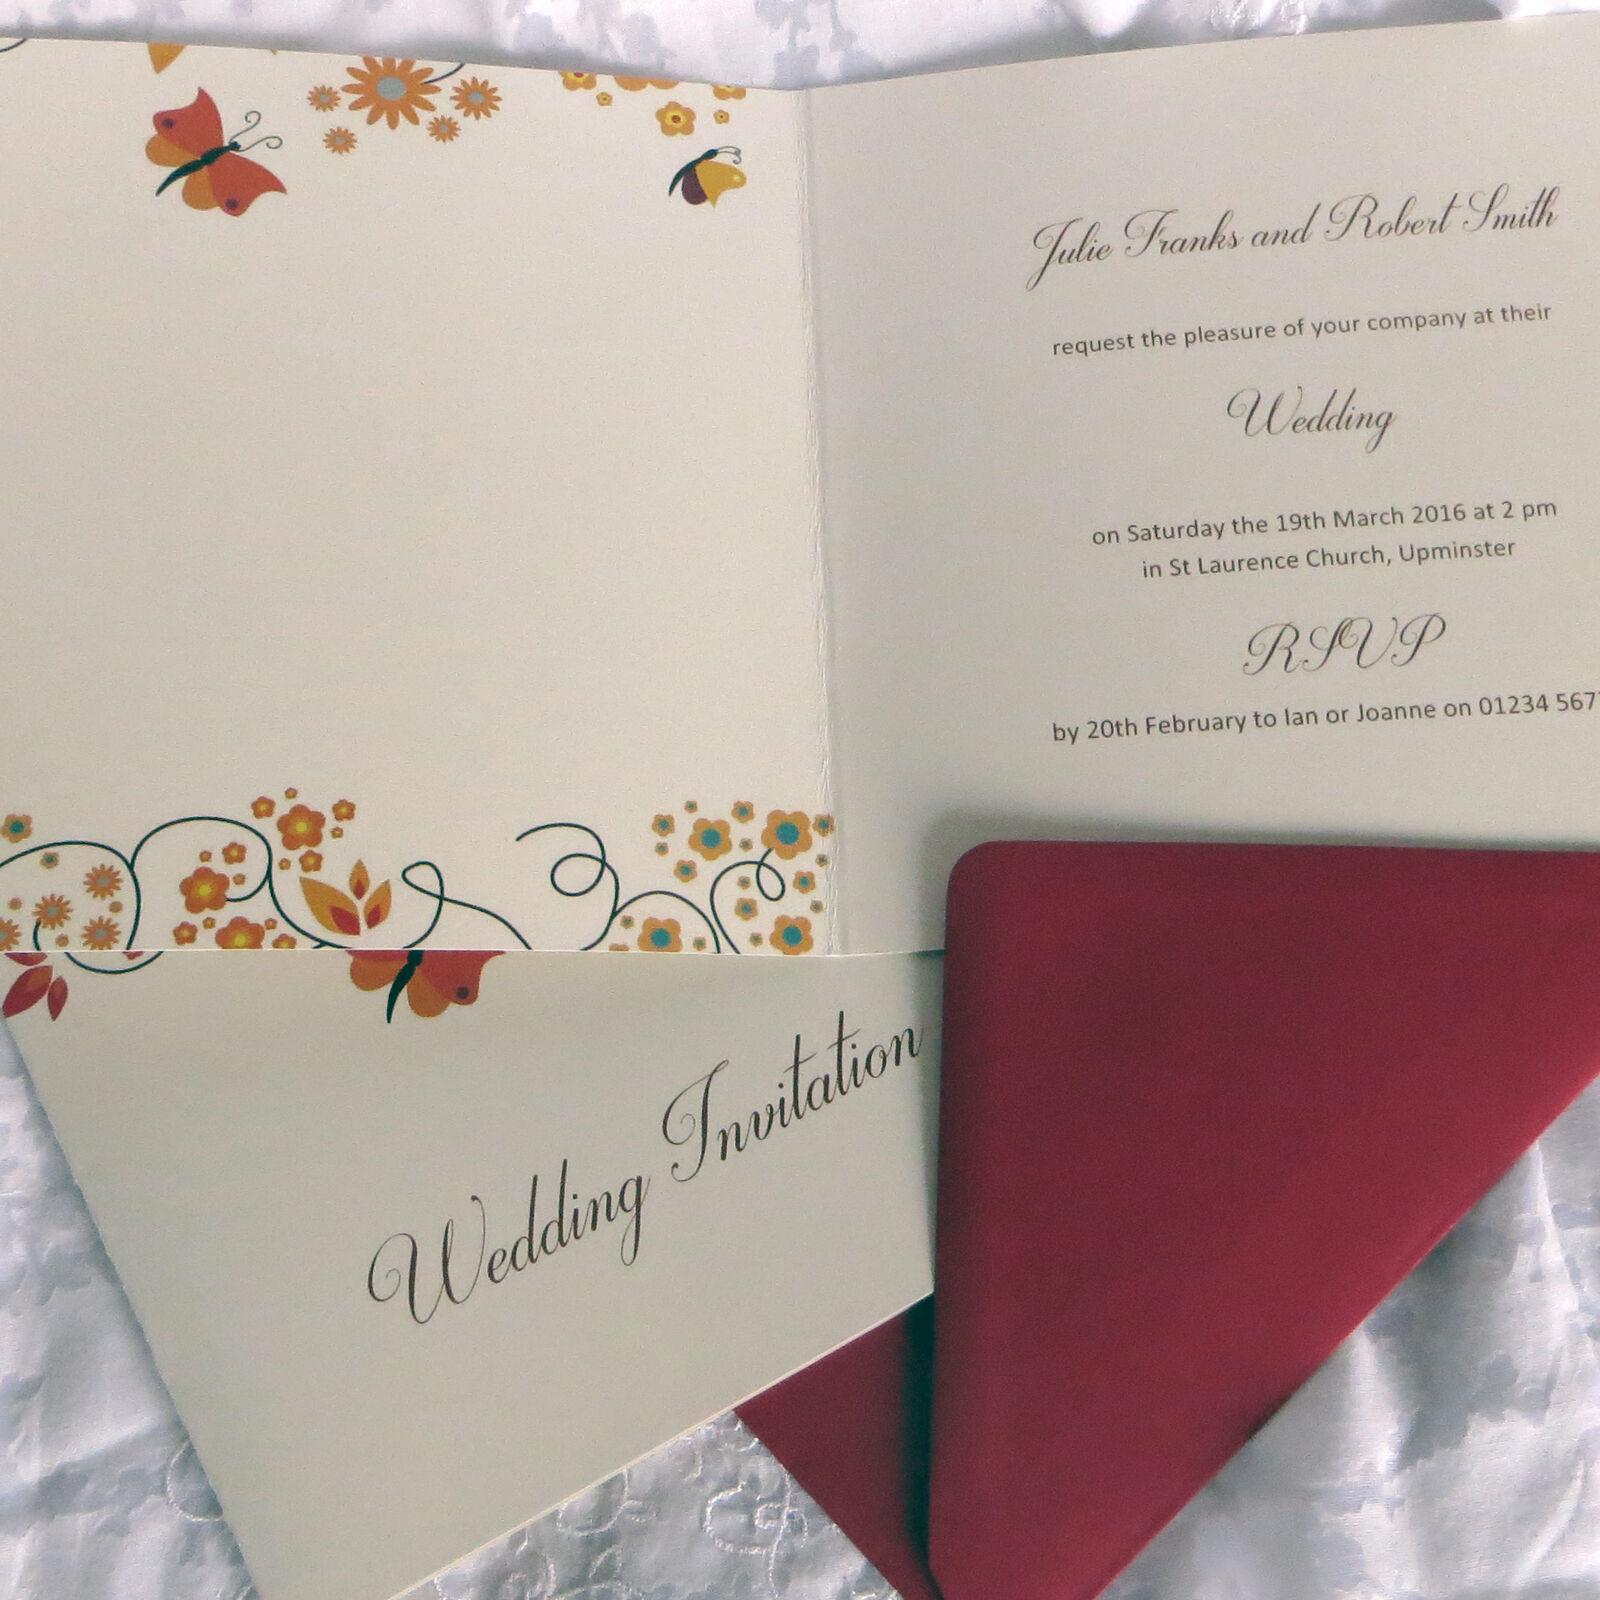 Personnalisé mariage invitations invitations invitations plié 150mm carré complet avec enveloppes   Une Performance Fiable  8f6f10